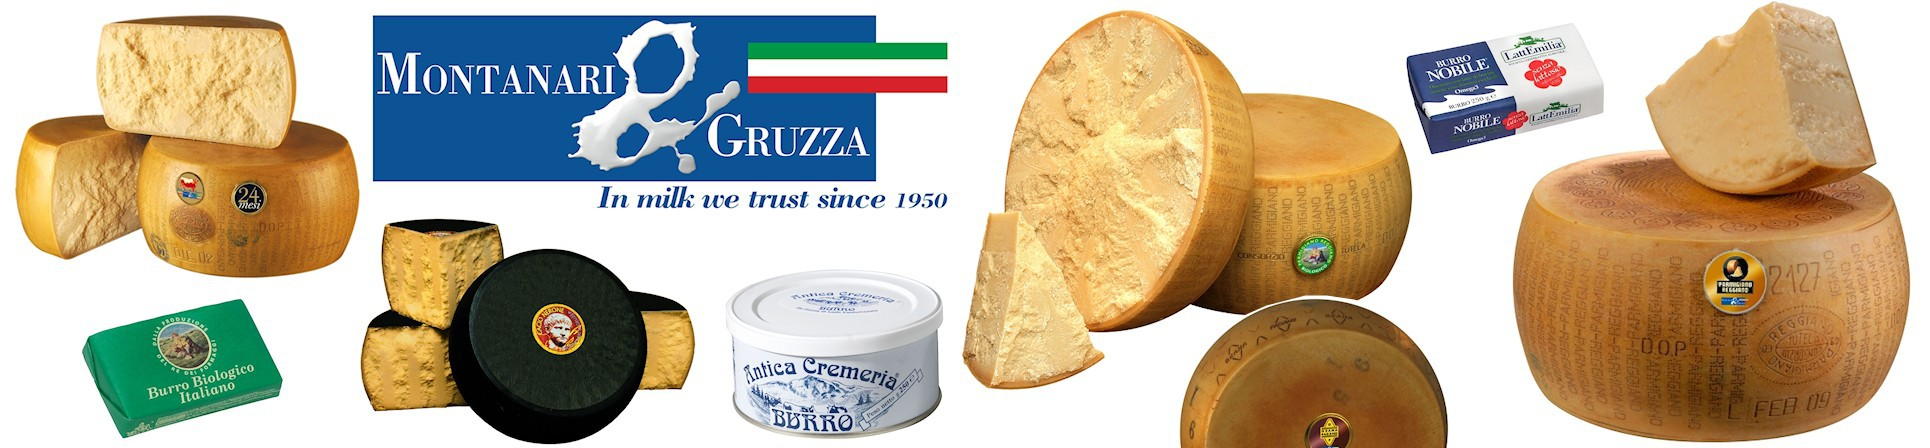 B2B GUSTOX - il Marketplace all'ingrosso delle eccellenze agroalimetari italiane - Grana Padano Dop - MONTANARI & GRUZZA